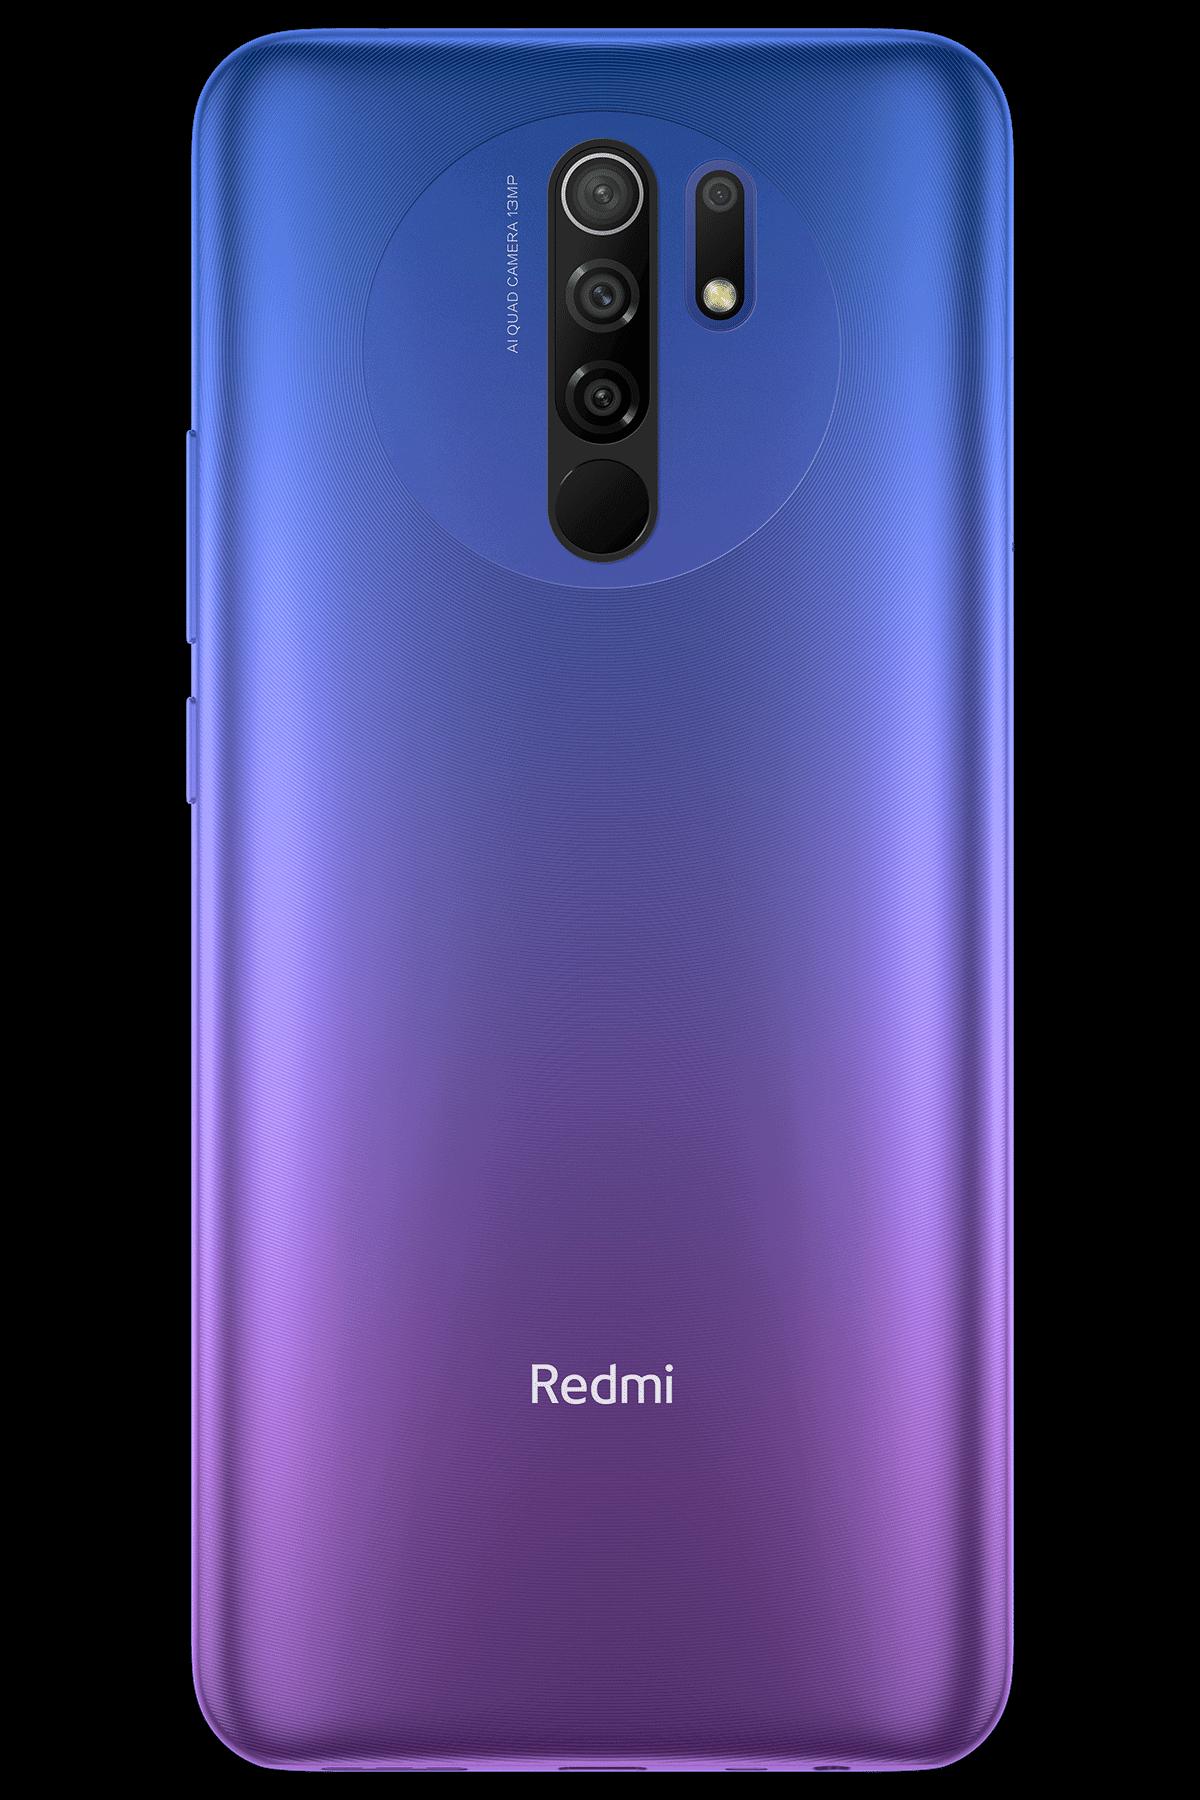 Xiaomi ra mắt 'bom tấn' Redmi 9 cho phân khúc phổ thông